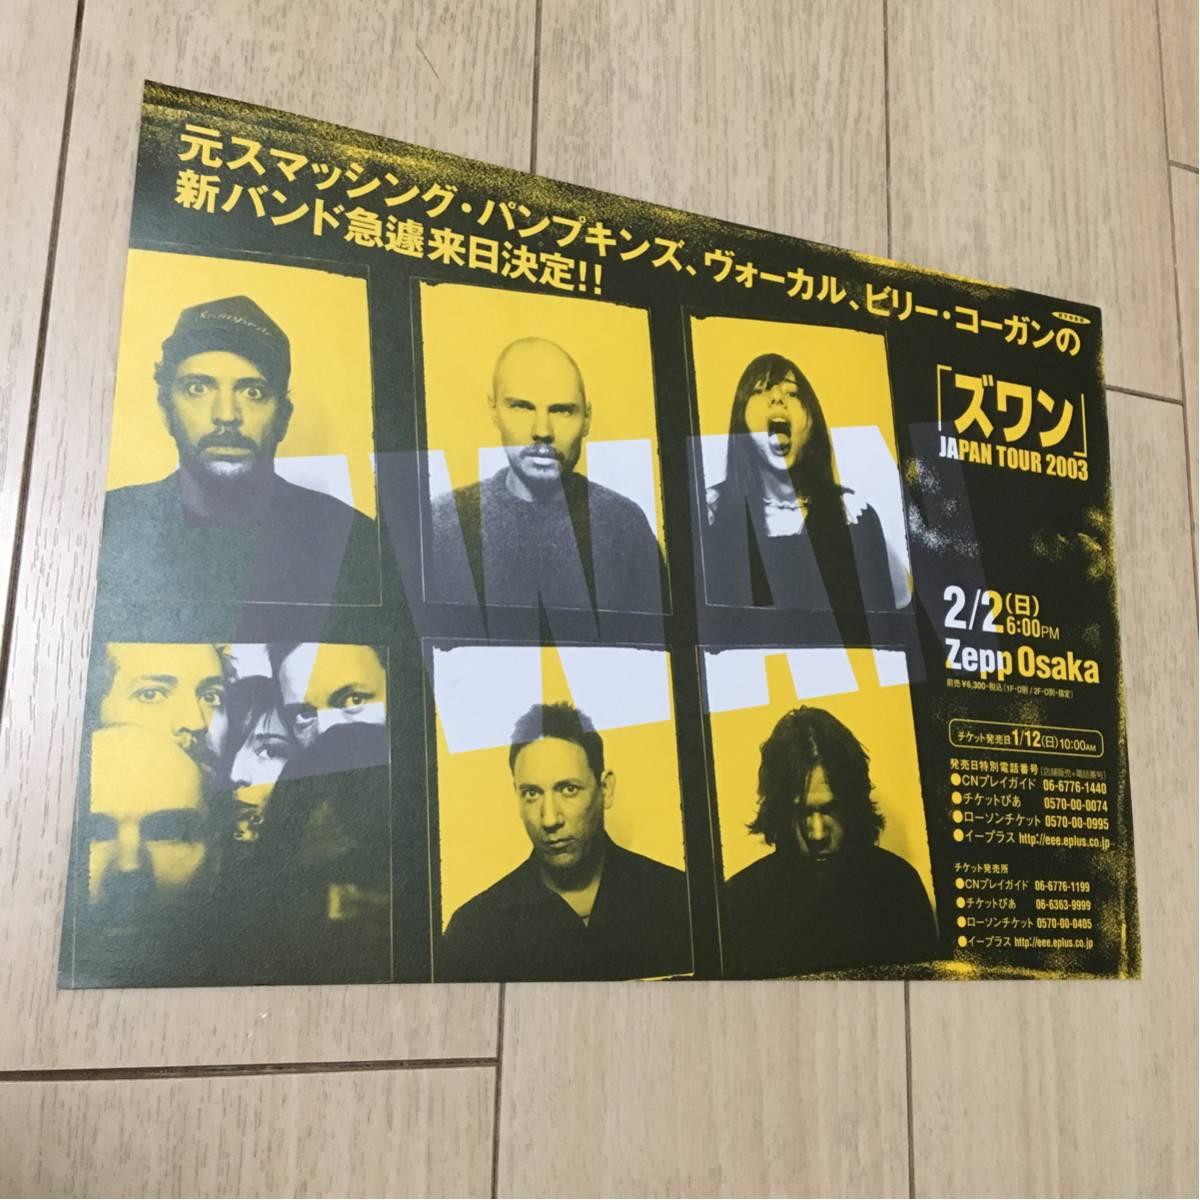 スマッシング・パンプキンズ smashing pumpkins zwan ズワン 来日 告知 チラシ 2003 japan tour ビリー・ゴーガン zepp osaka ライブ